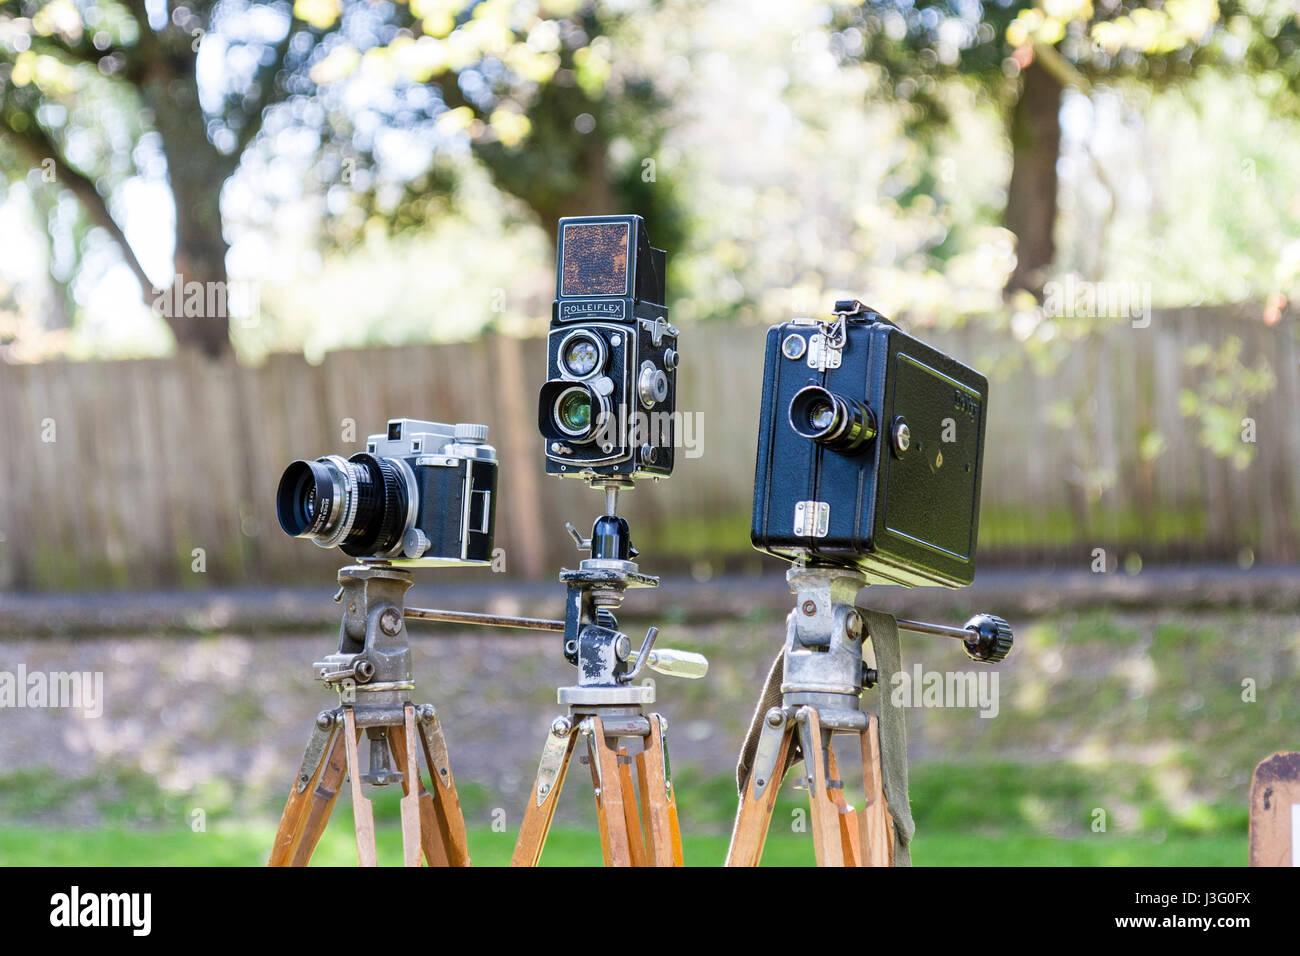 Gruß an die 40er Re-enactment Veranstaltung. Verschiedene vintage Weltkrieg zwei Kameras auf Stativen in einer Zeile. Stockfoto